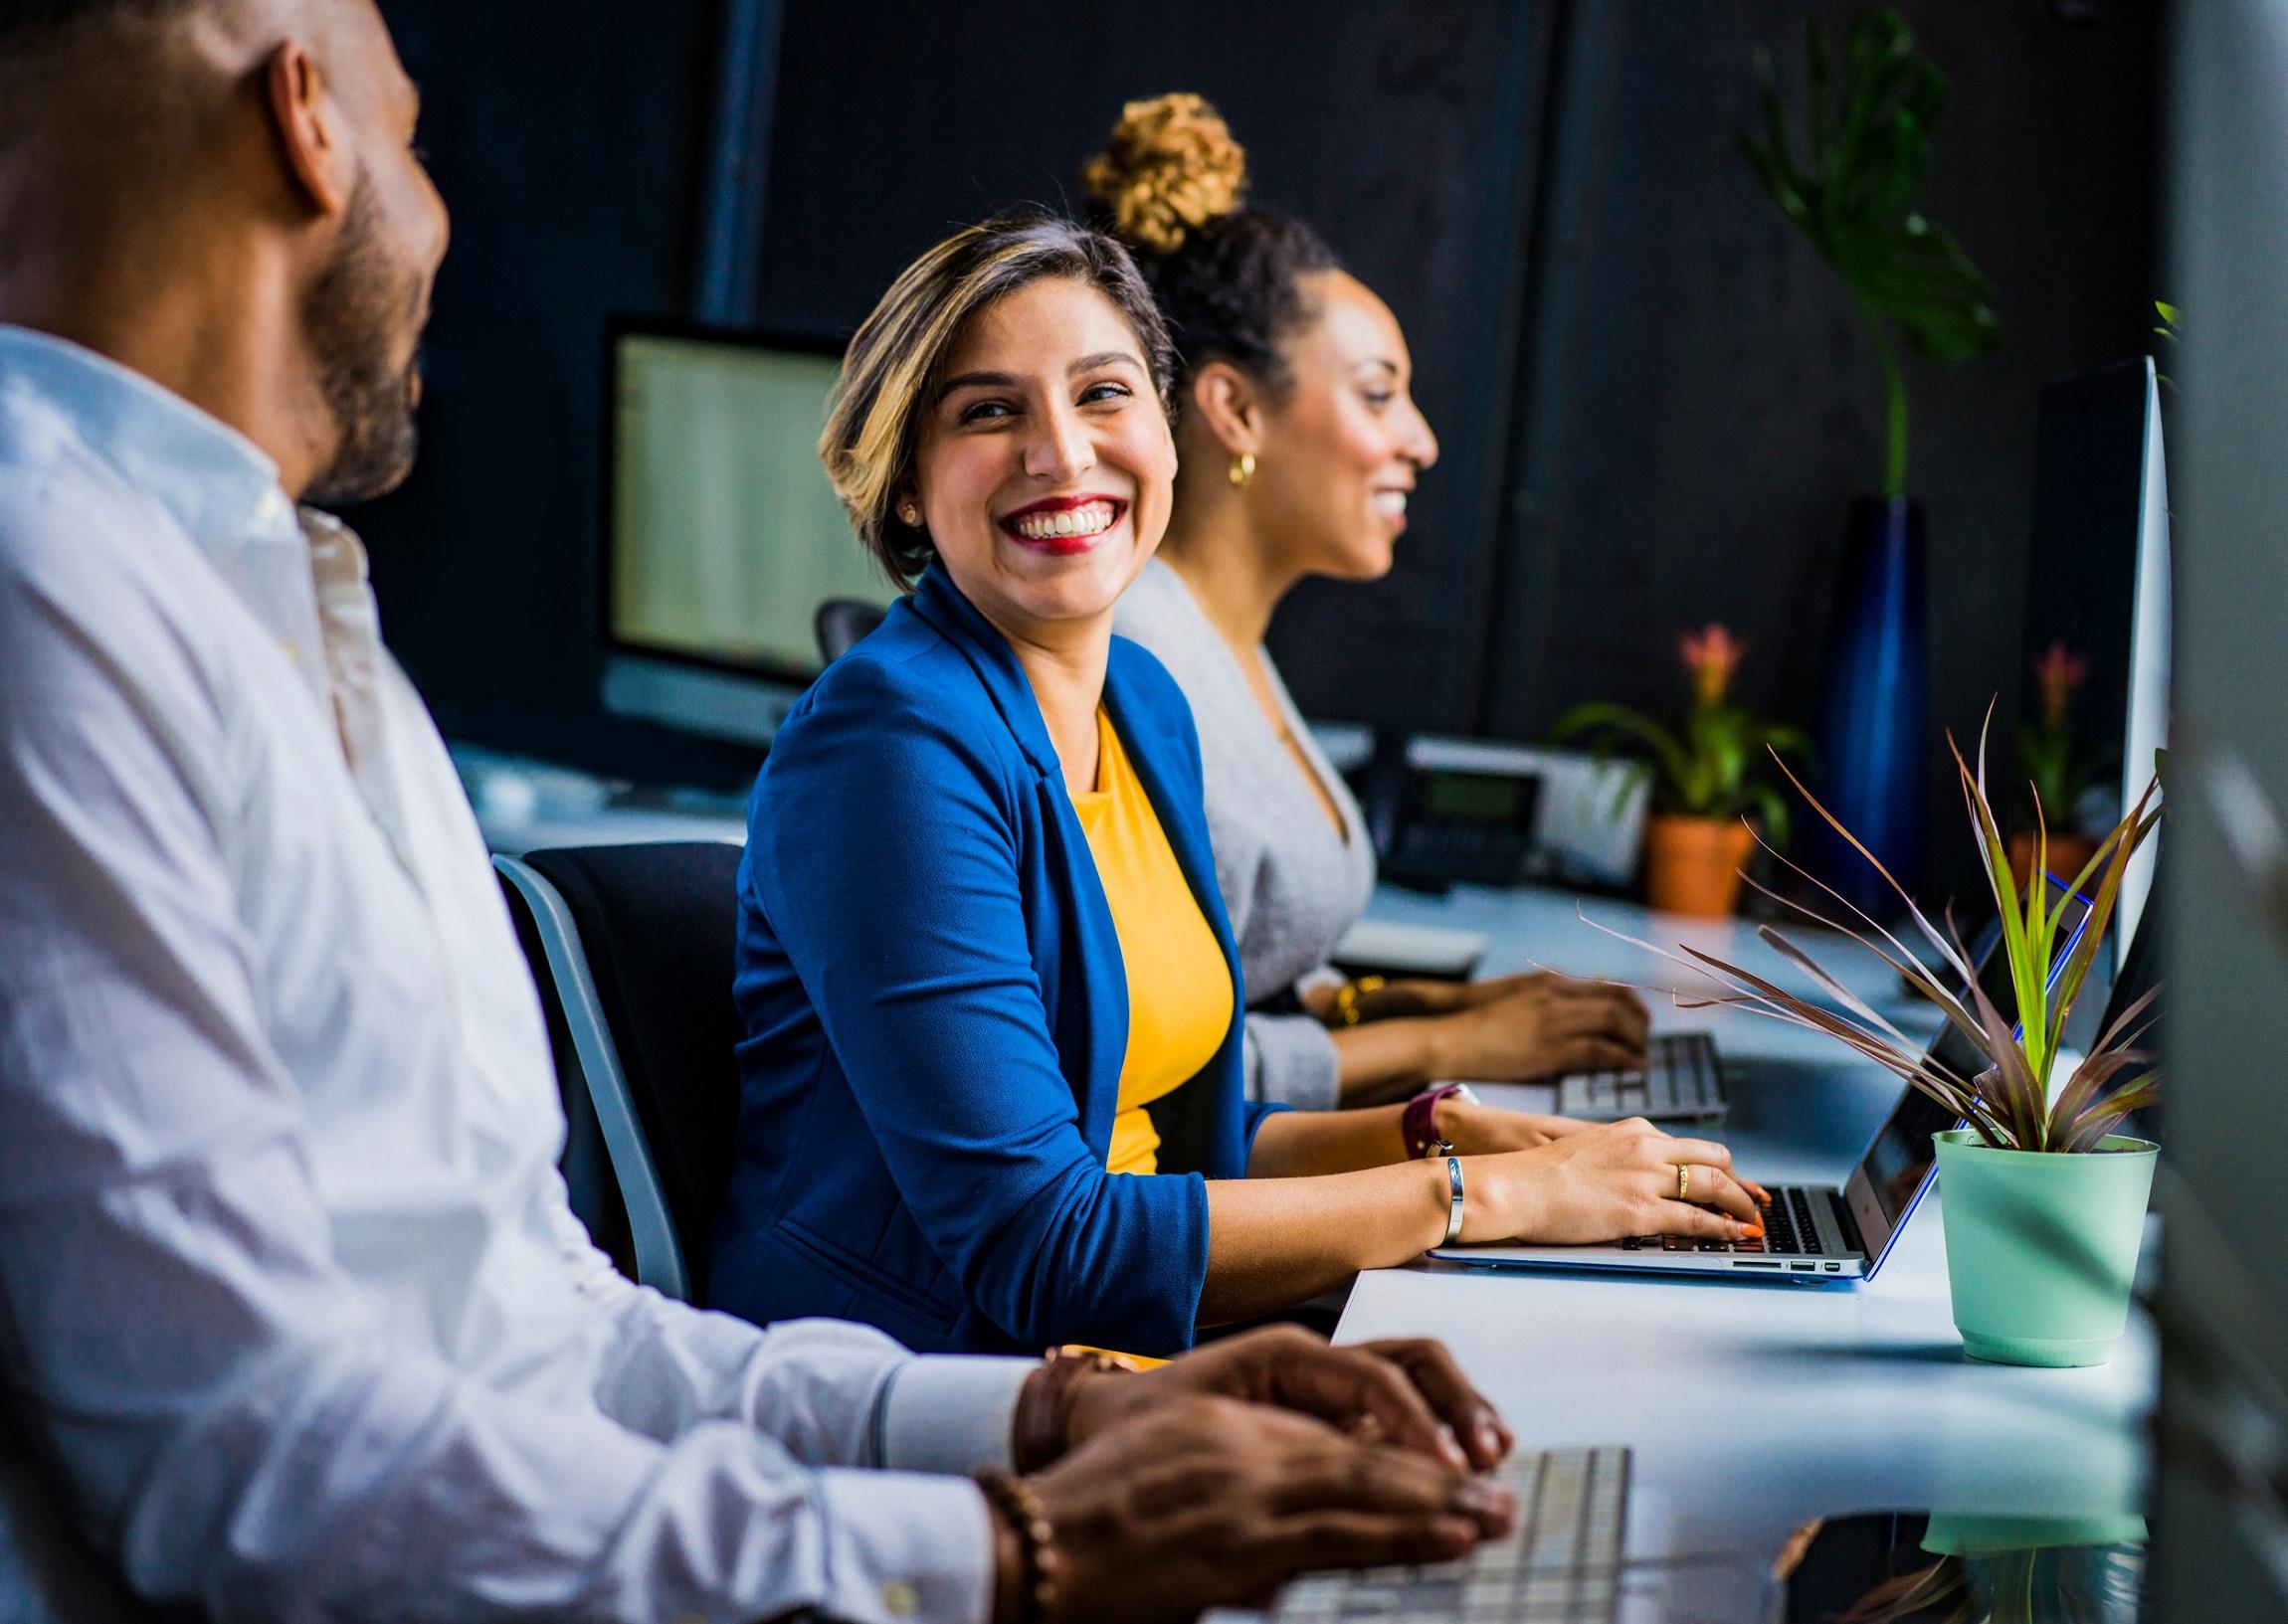 Migliorare le performance lavorative con l'Intelligenza emotiva